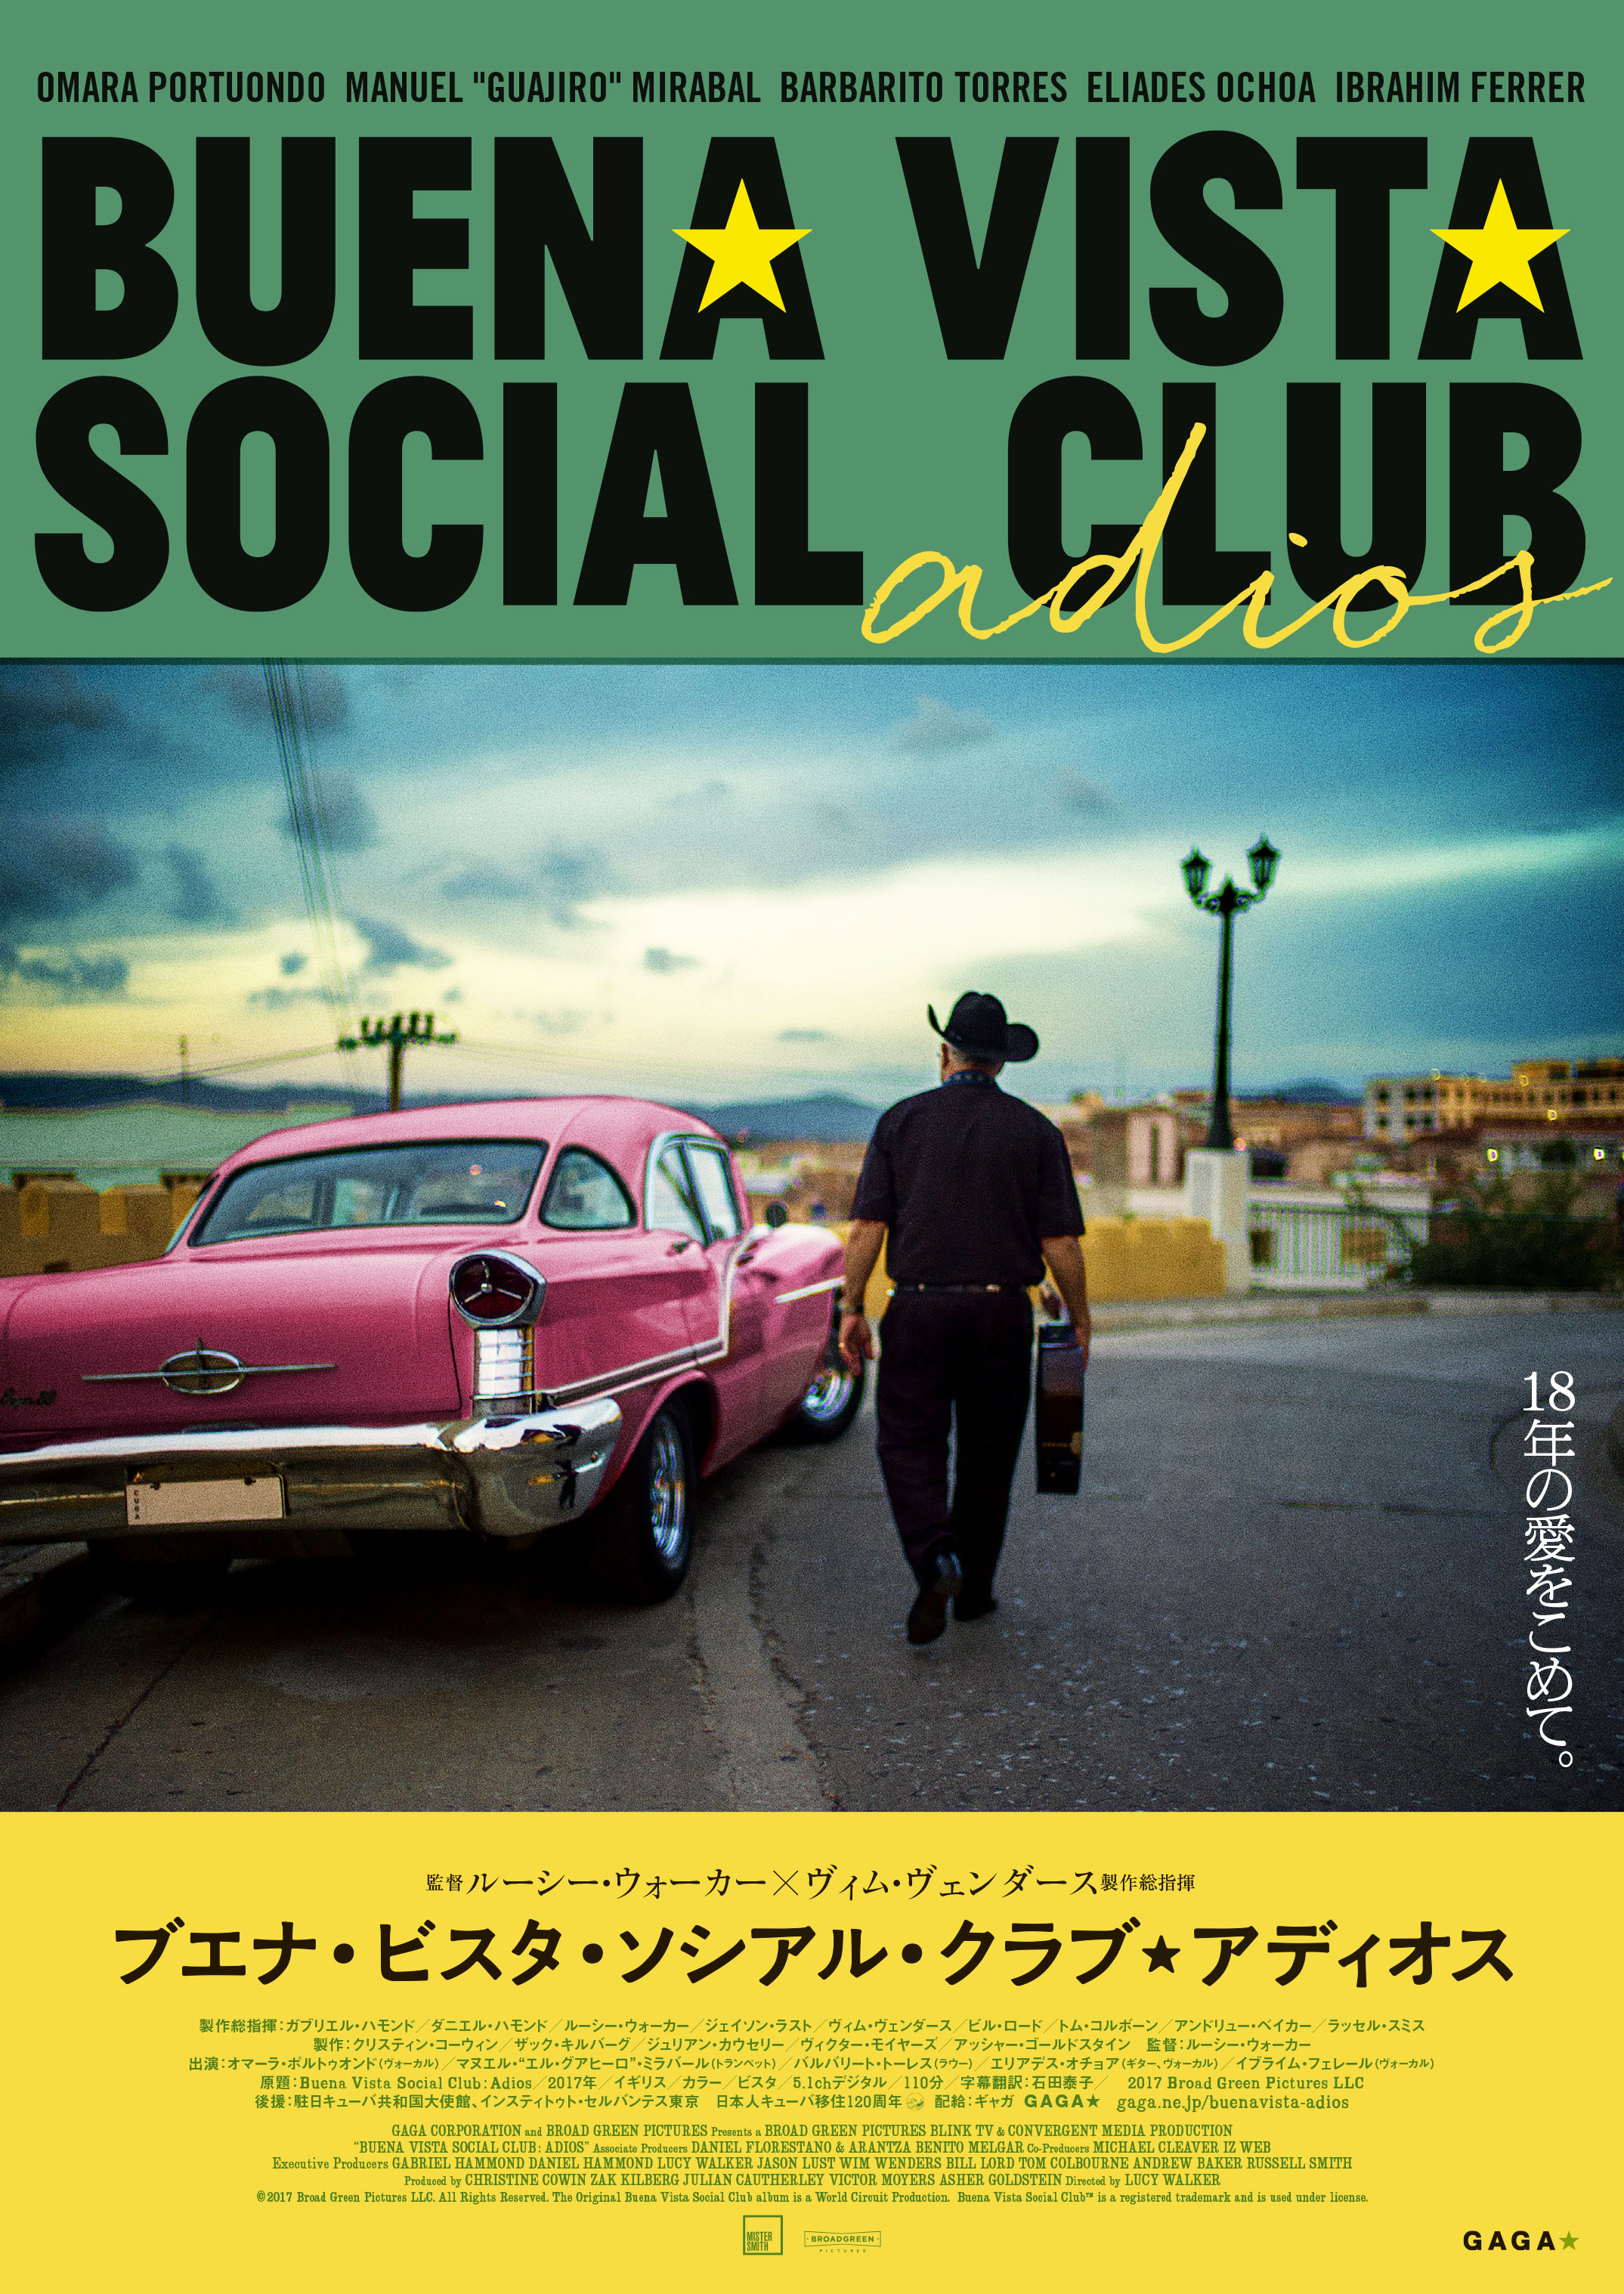 『ブエナ・ビスタ・ソシアル・クラブ★アディオス』ポスター